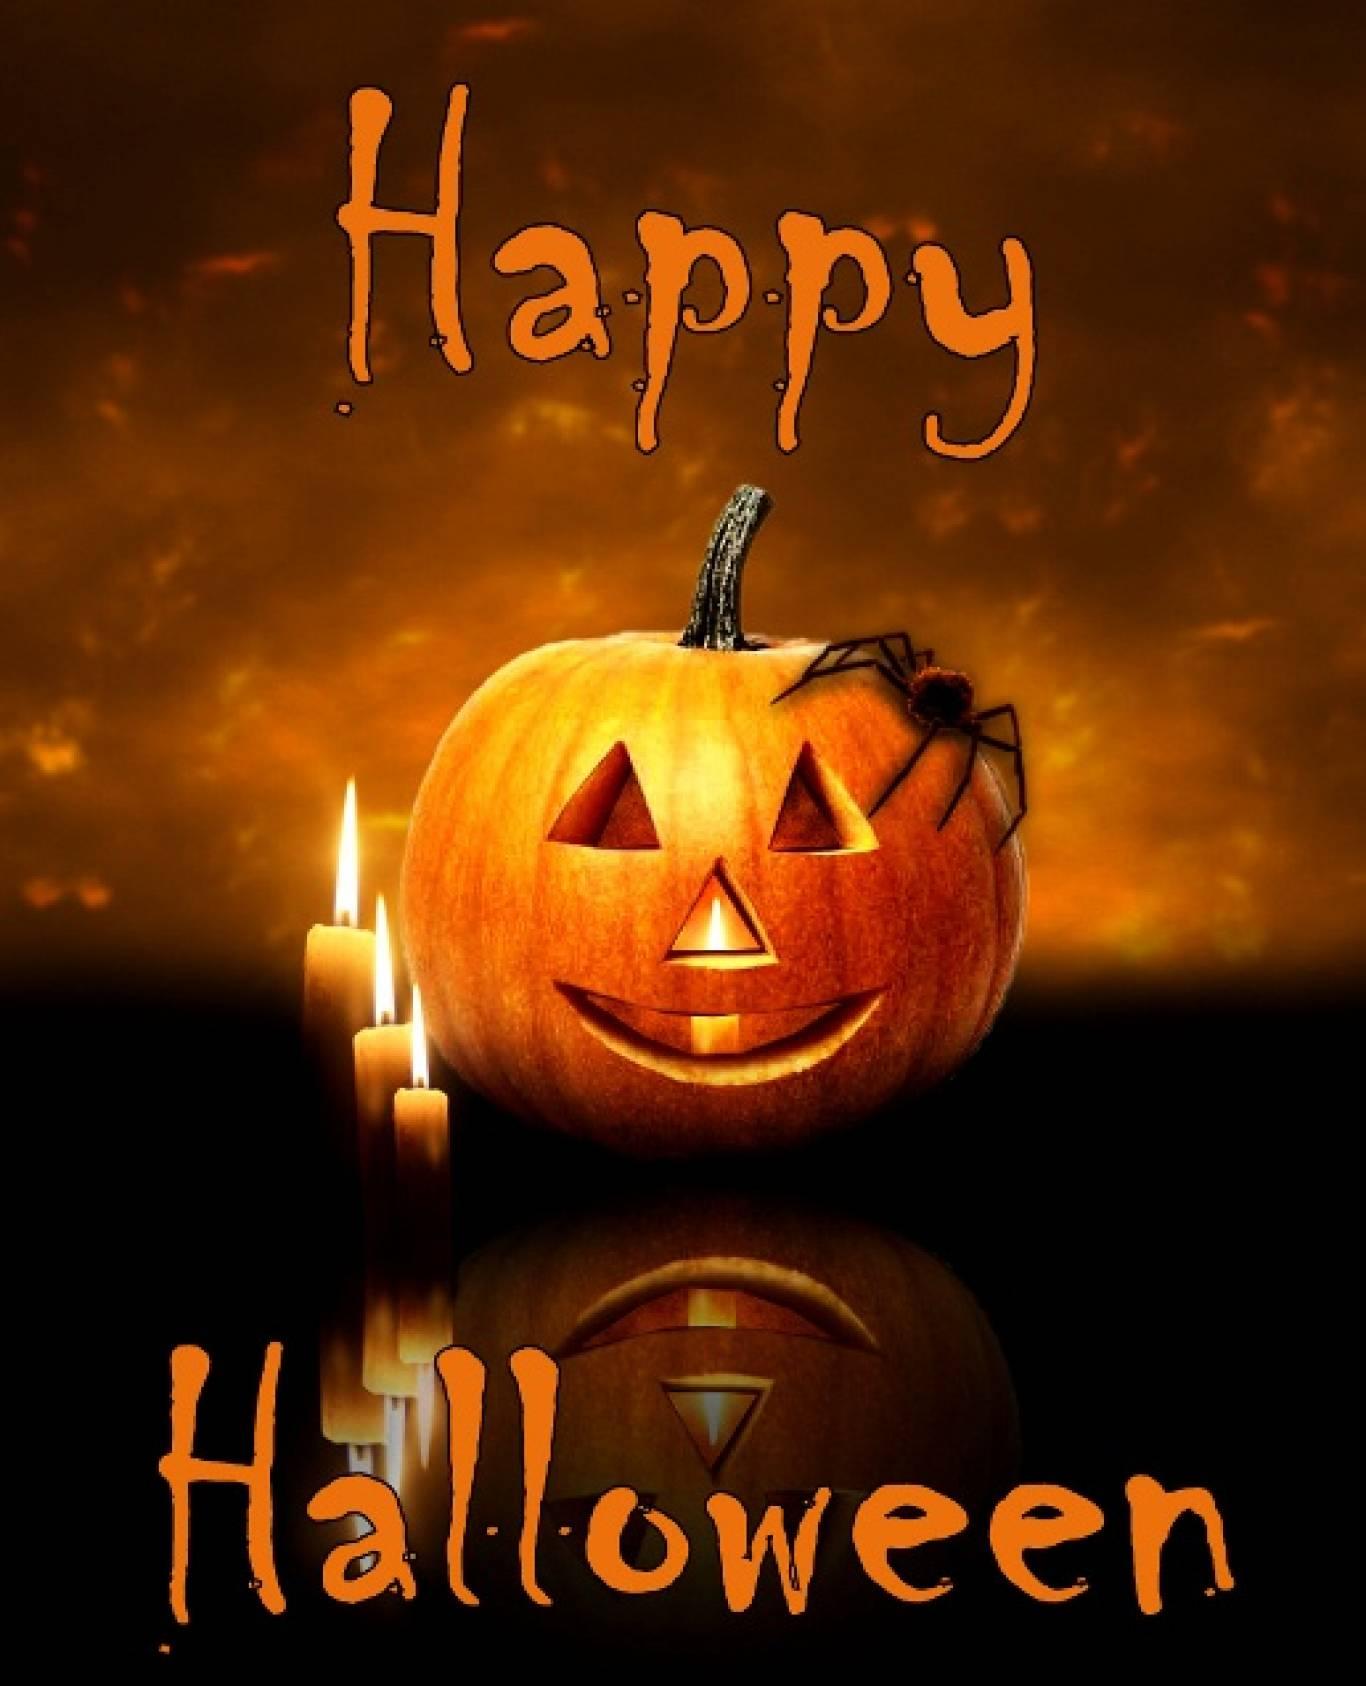 Открытки хэллоуина смешные